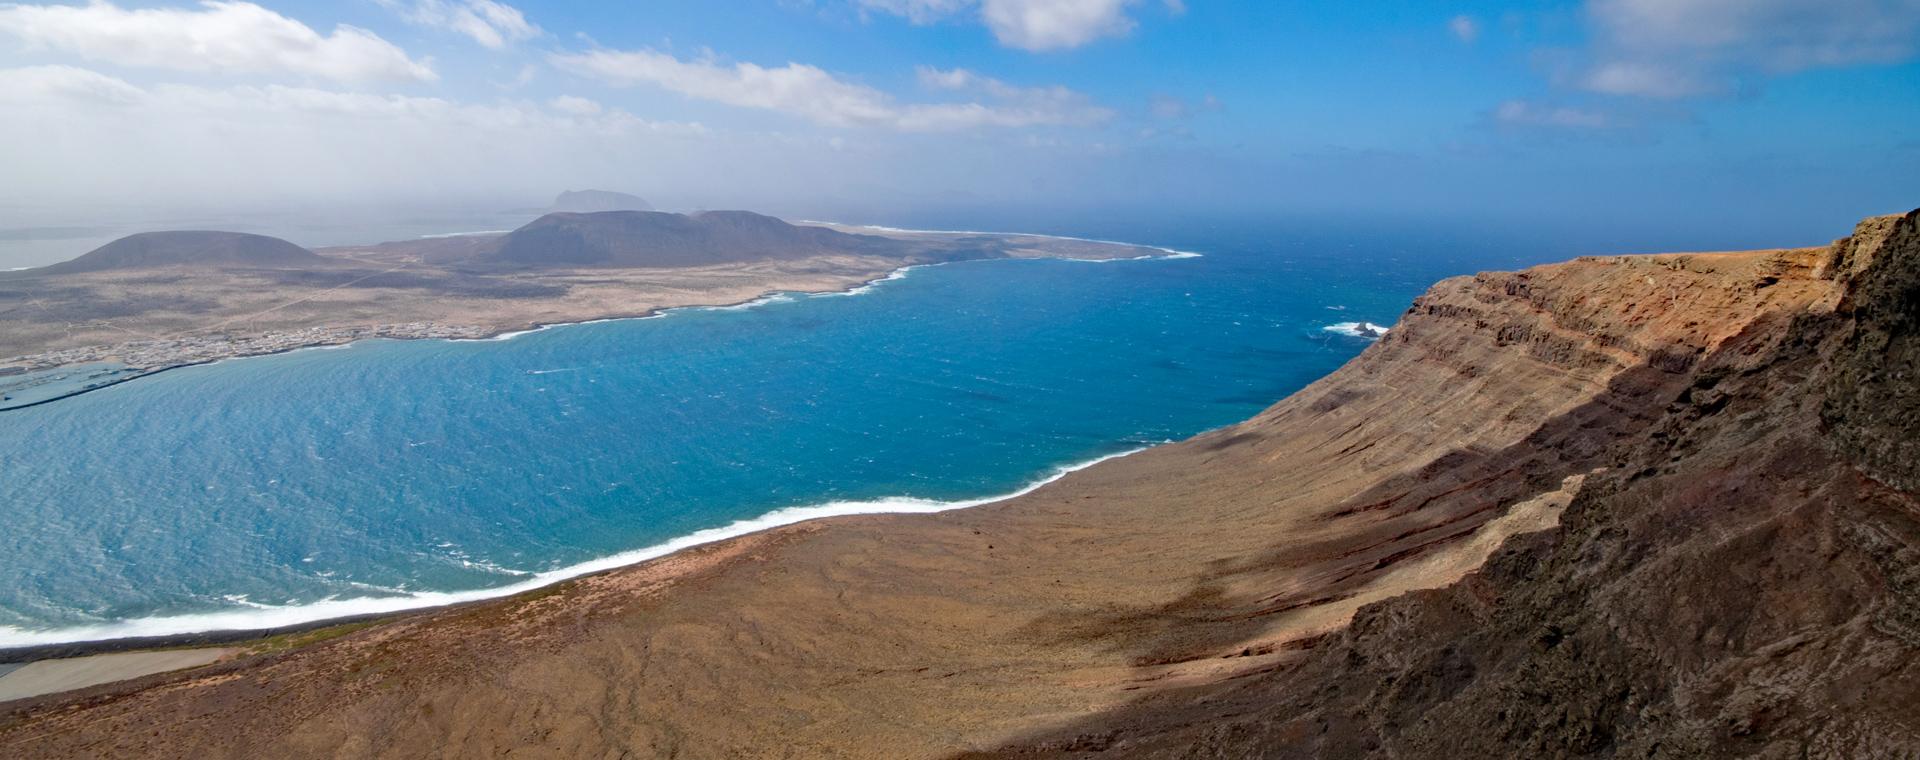 Image Découverte de l'île de Lanzarote